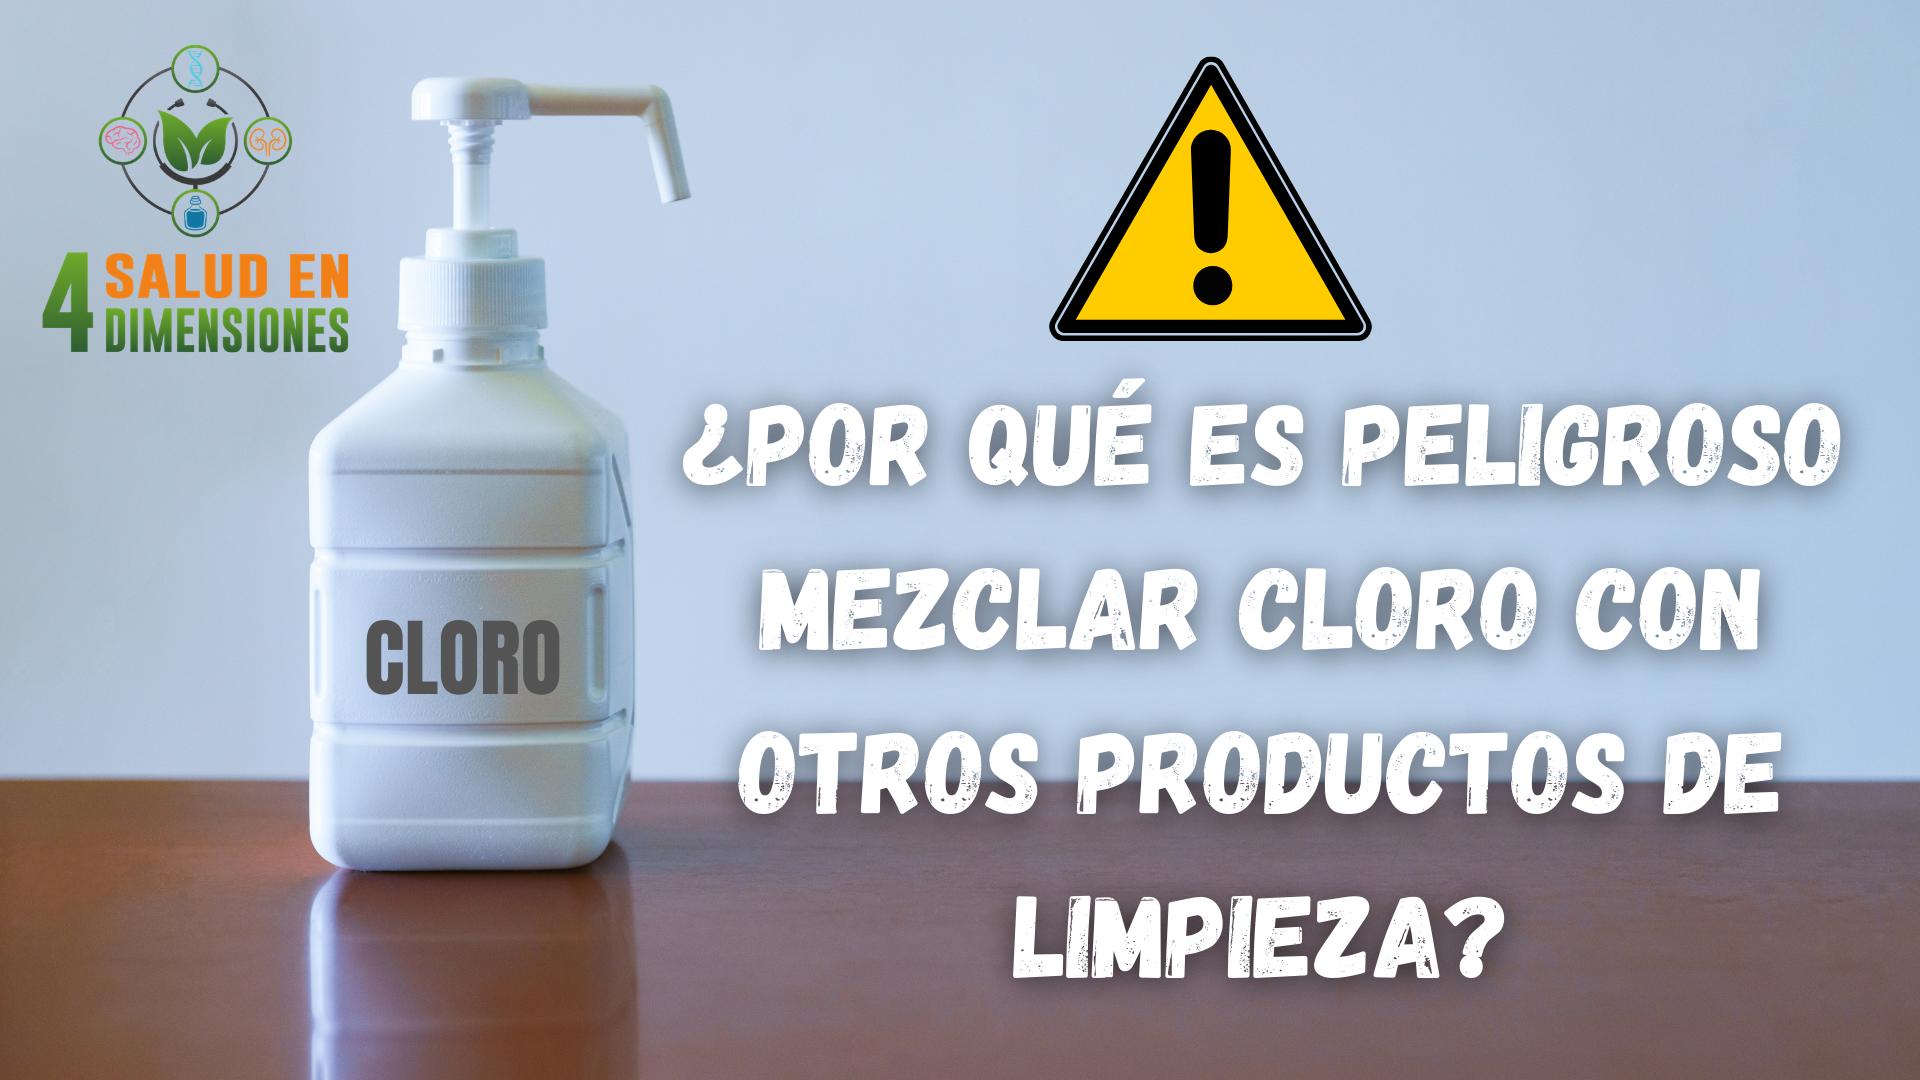 ¿Por qué es peligroso mezclar cloro con otros productos de limpieza?